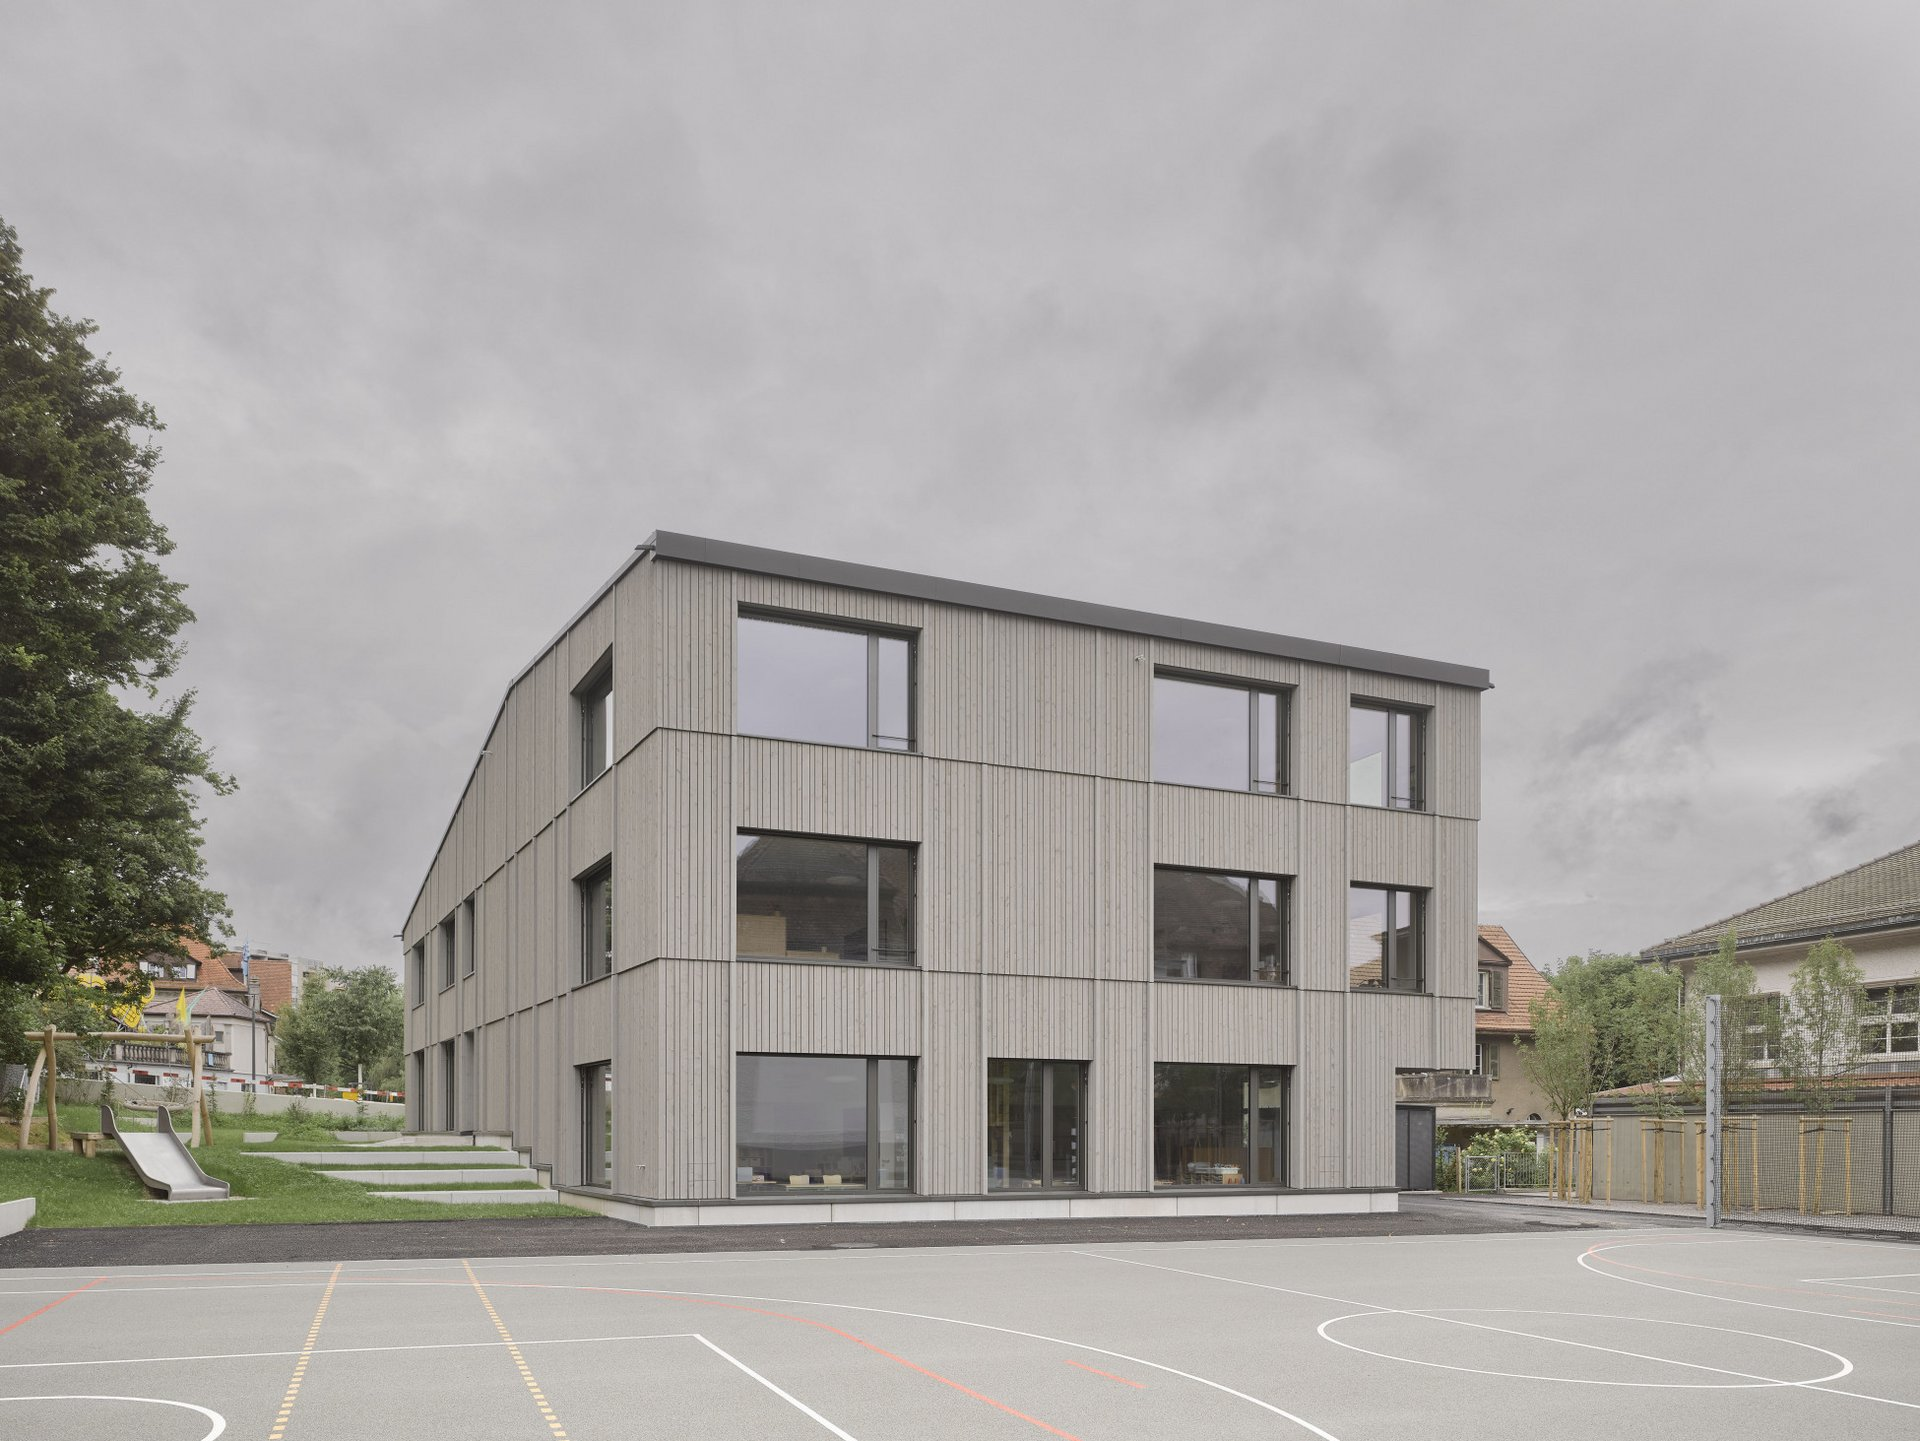 Blick auf die Fassade eines Schulhauses mit vielen grau schimmernden grossen rechteckigen Fenstern